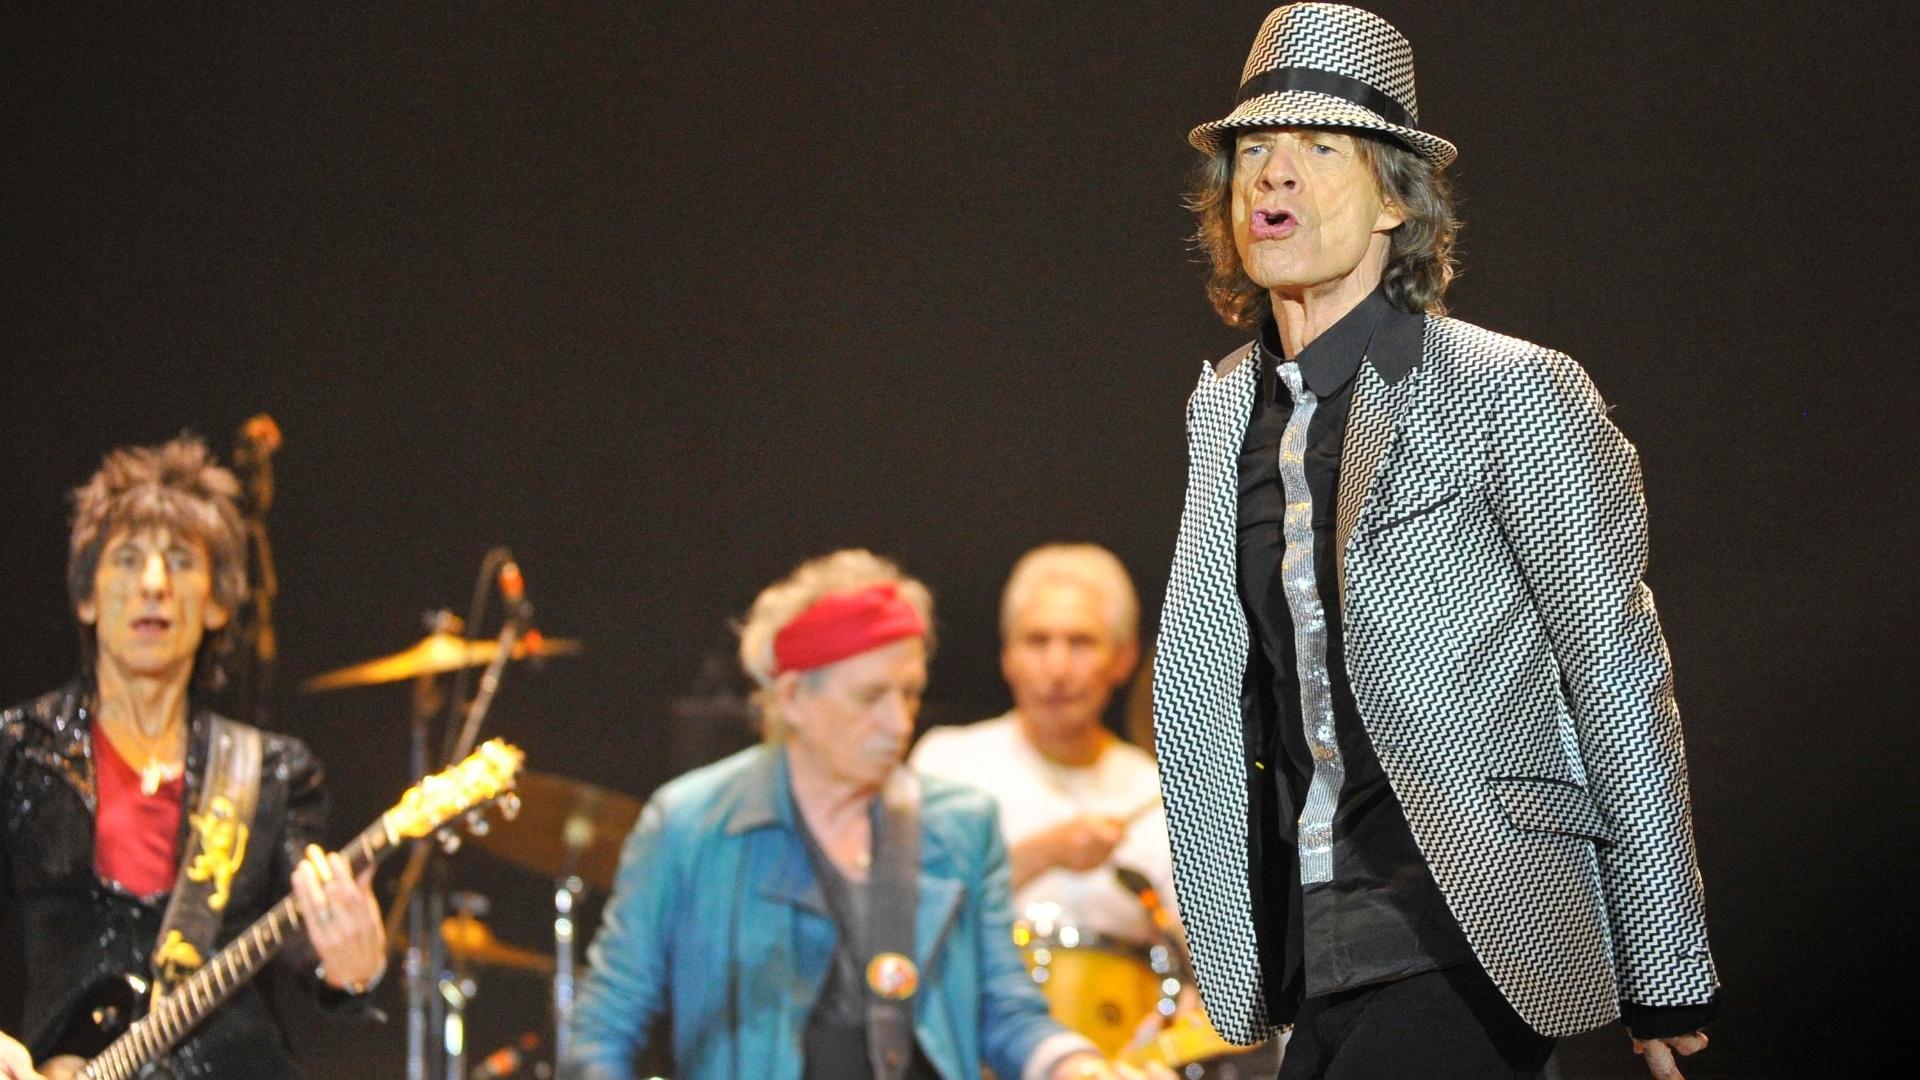 Os guitarristas Keith Richards e Ronnie Wood, o baterista Charlie Watts e o vocalista Mick Jagger se apresentam na O2 Arena em Londres (25/11/12)